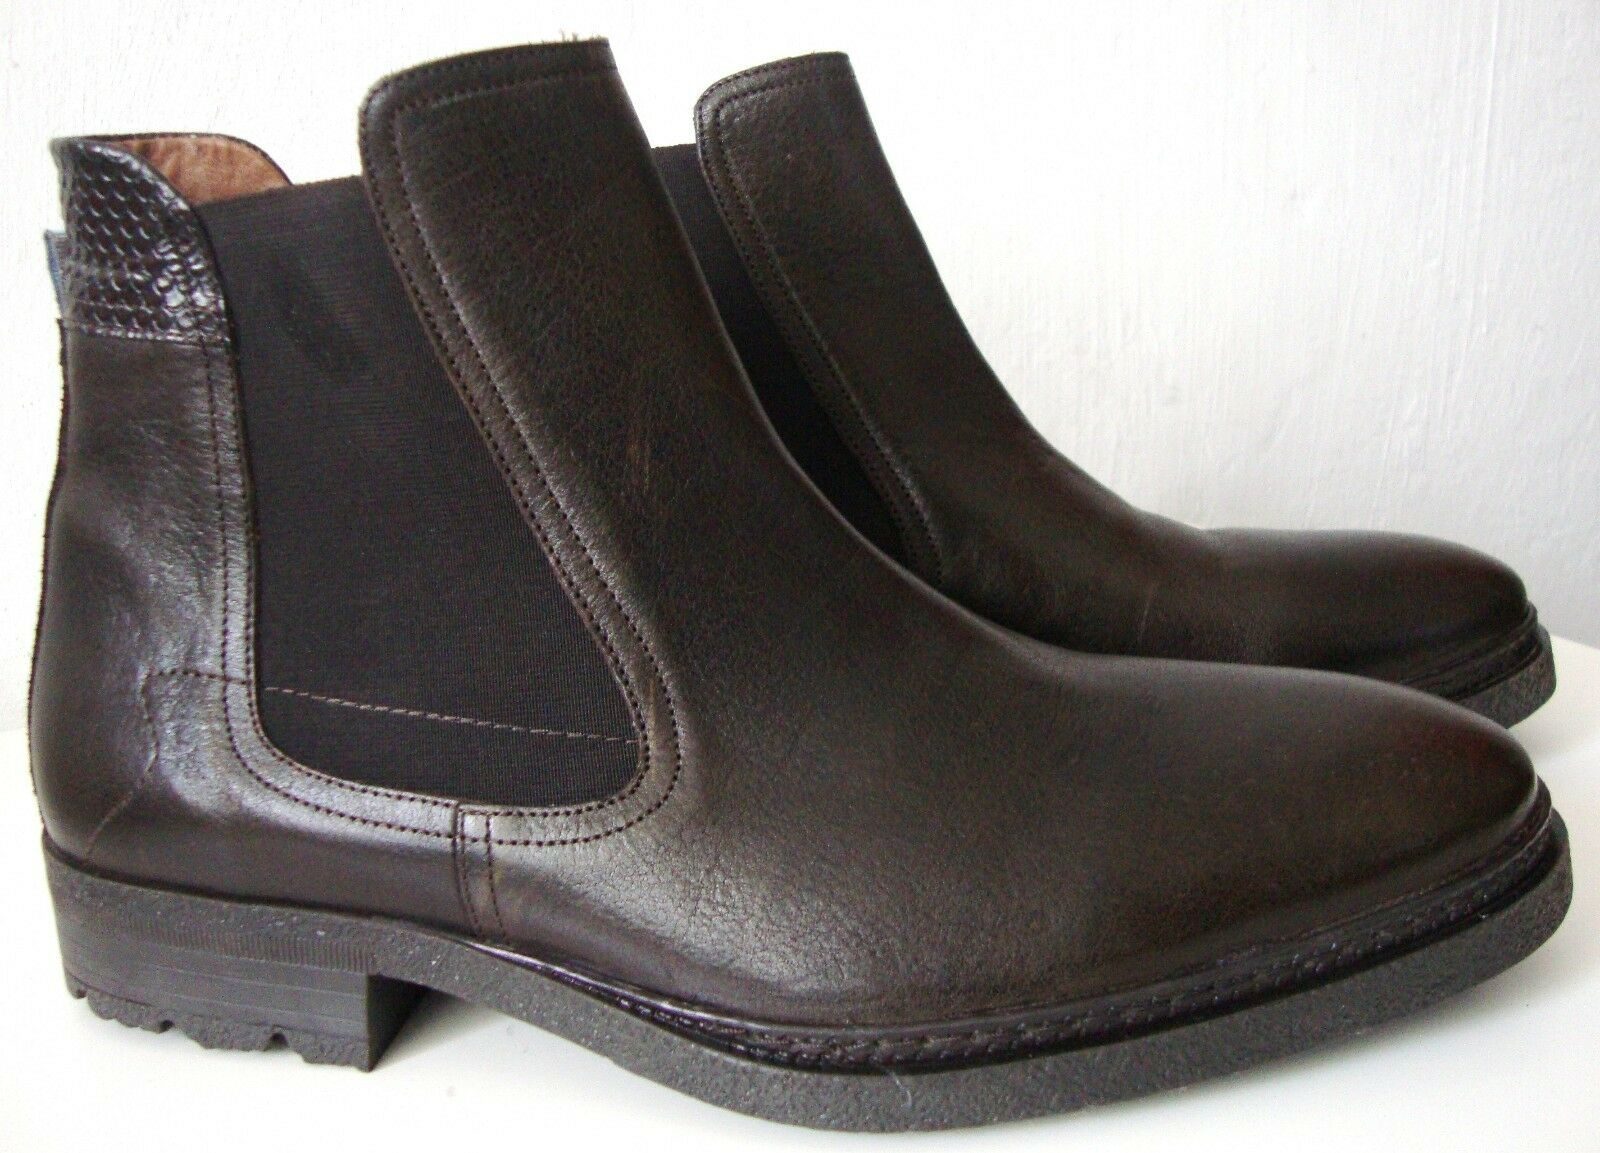 FLORIS VAN BOMMEL Stiefel Herren Stiefel Stiefel Stiefel Stiefelette Schuhe Halbschuhe Gr.43 NEU e394da